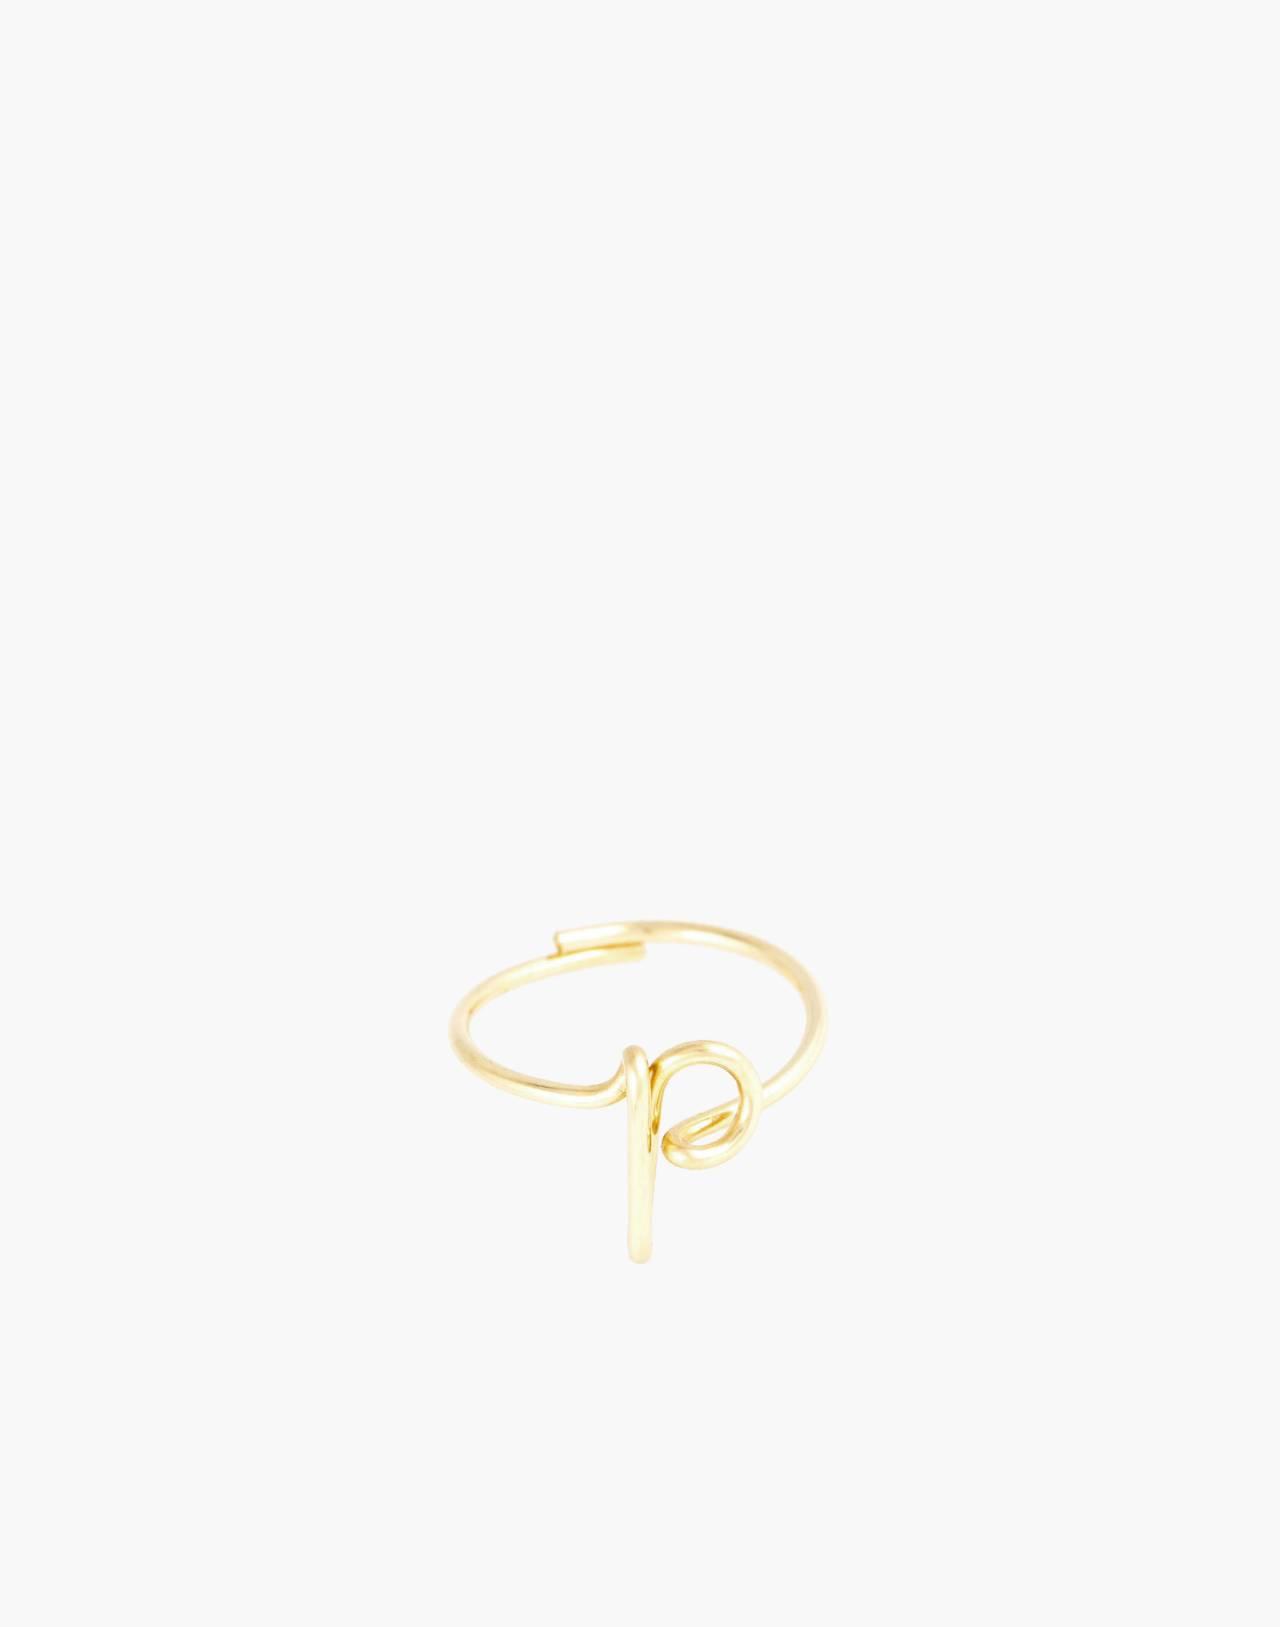 Atelier Paulin™ Poetic Letter Ring in letter p image 1